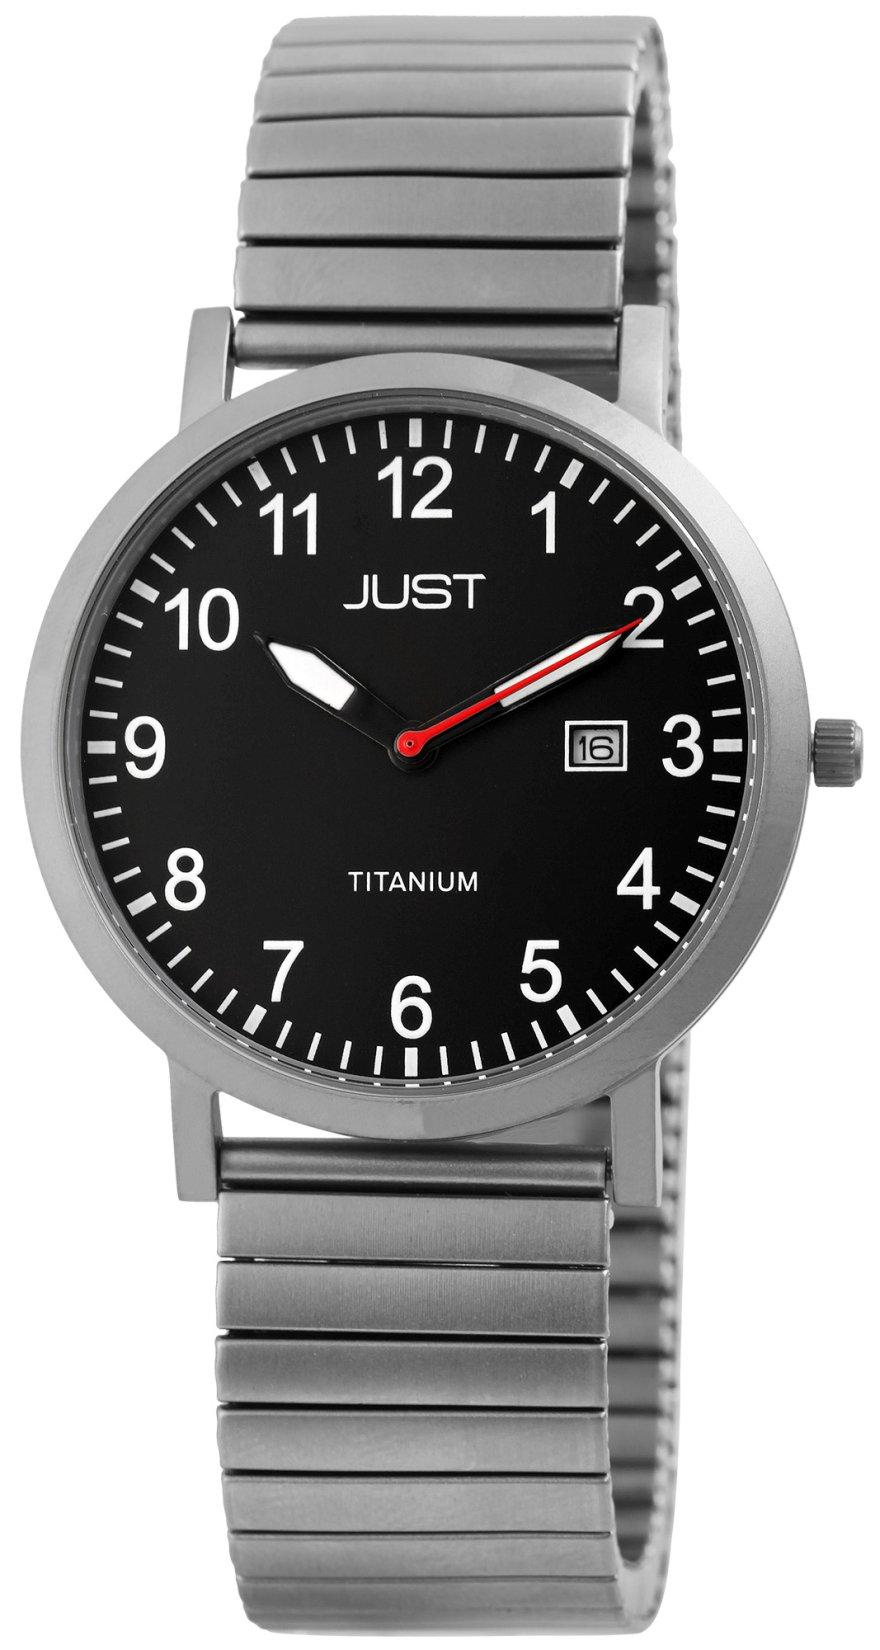 JUST men's watch 20159-001